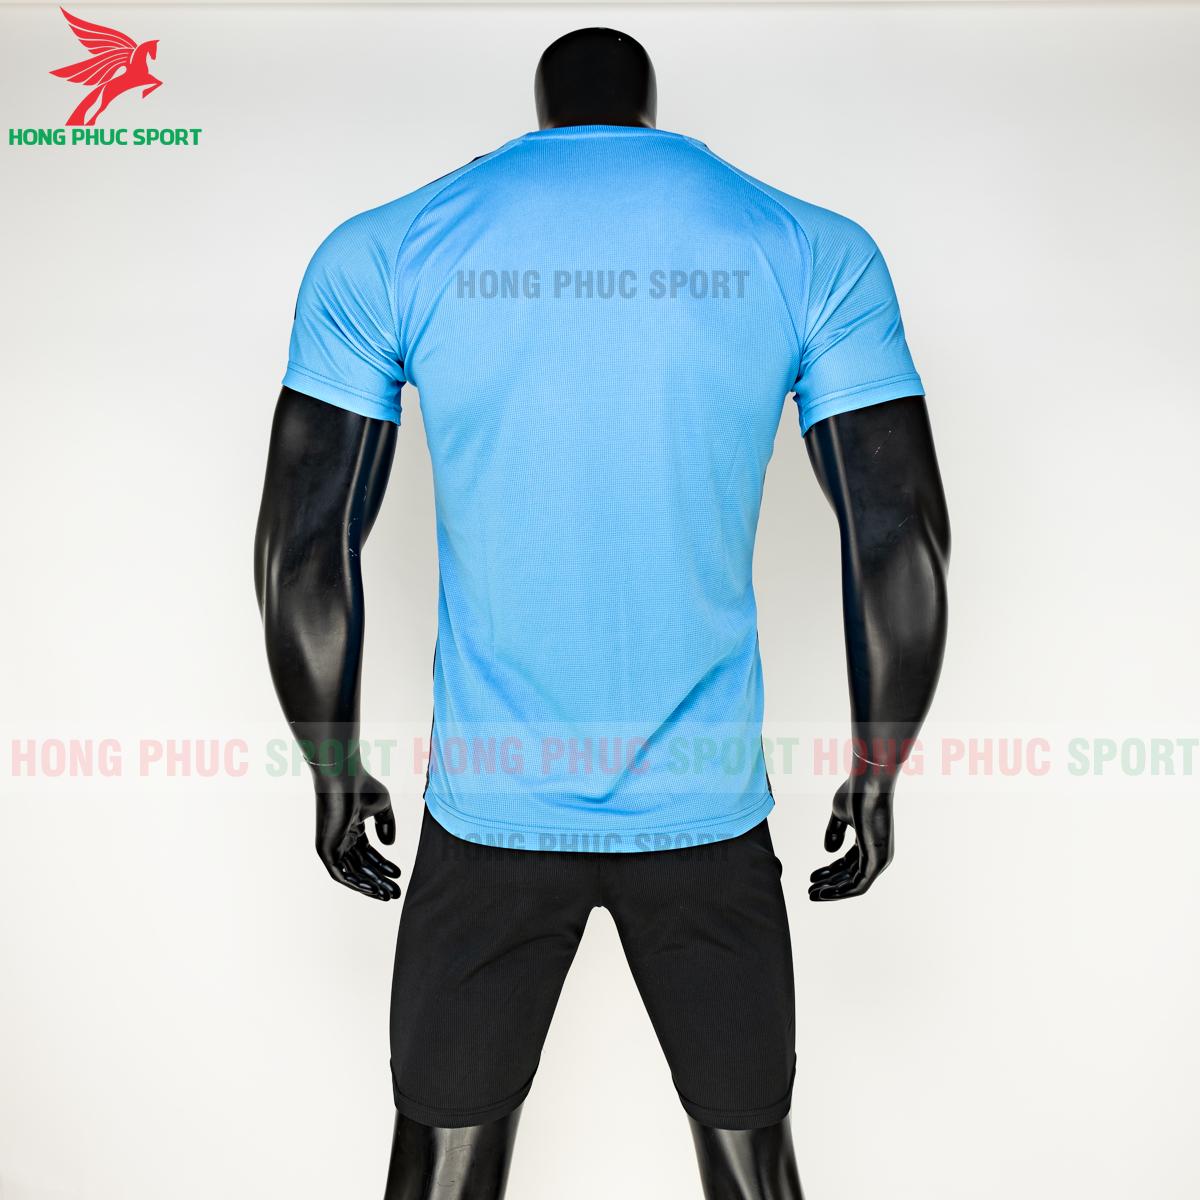 https://cdn.hongphucsport.com/unsafe/s4.shopbay.vn/files/285/ao-tuyen-anh-euro-2020-hang-det-phien-ban-fan-acrra-4-5fa0d833c8c63.png